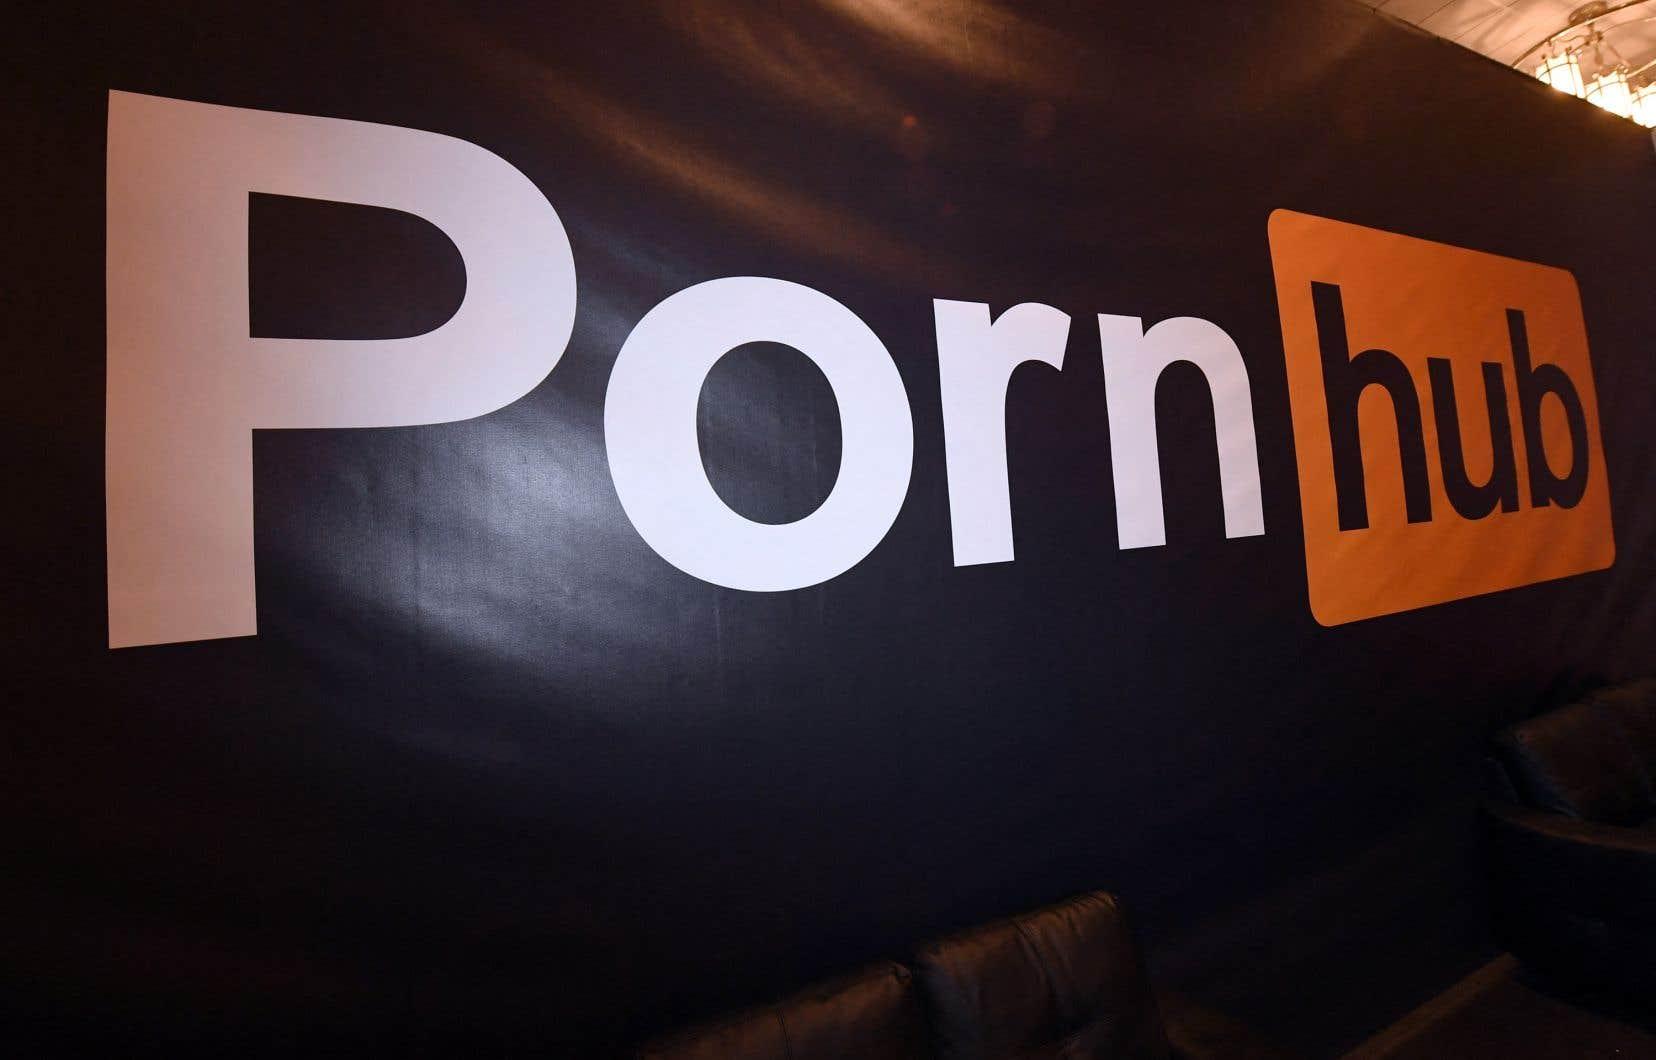 Les députés fédéraux se penchent sur Pornhub depuis la parution d'un article dans le New York Times, qui affirme avoir examiné le populaire site pornographique attirant des milliards de visites par mois.